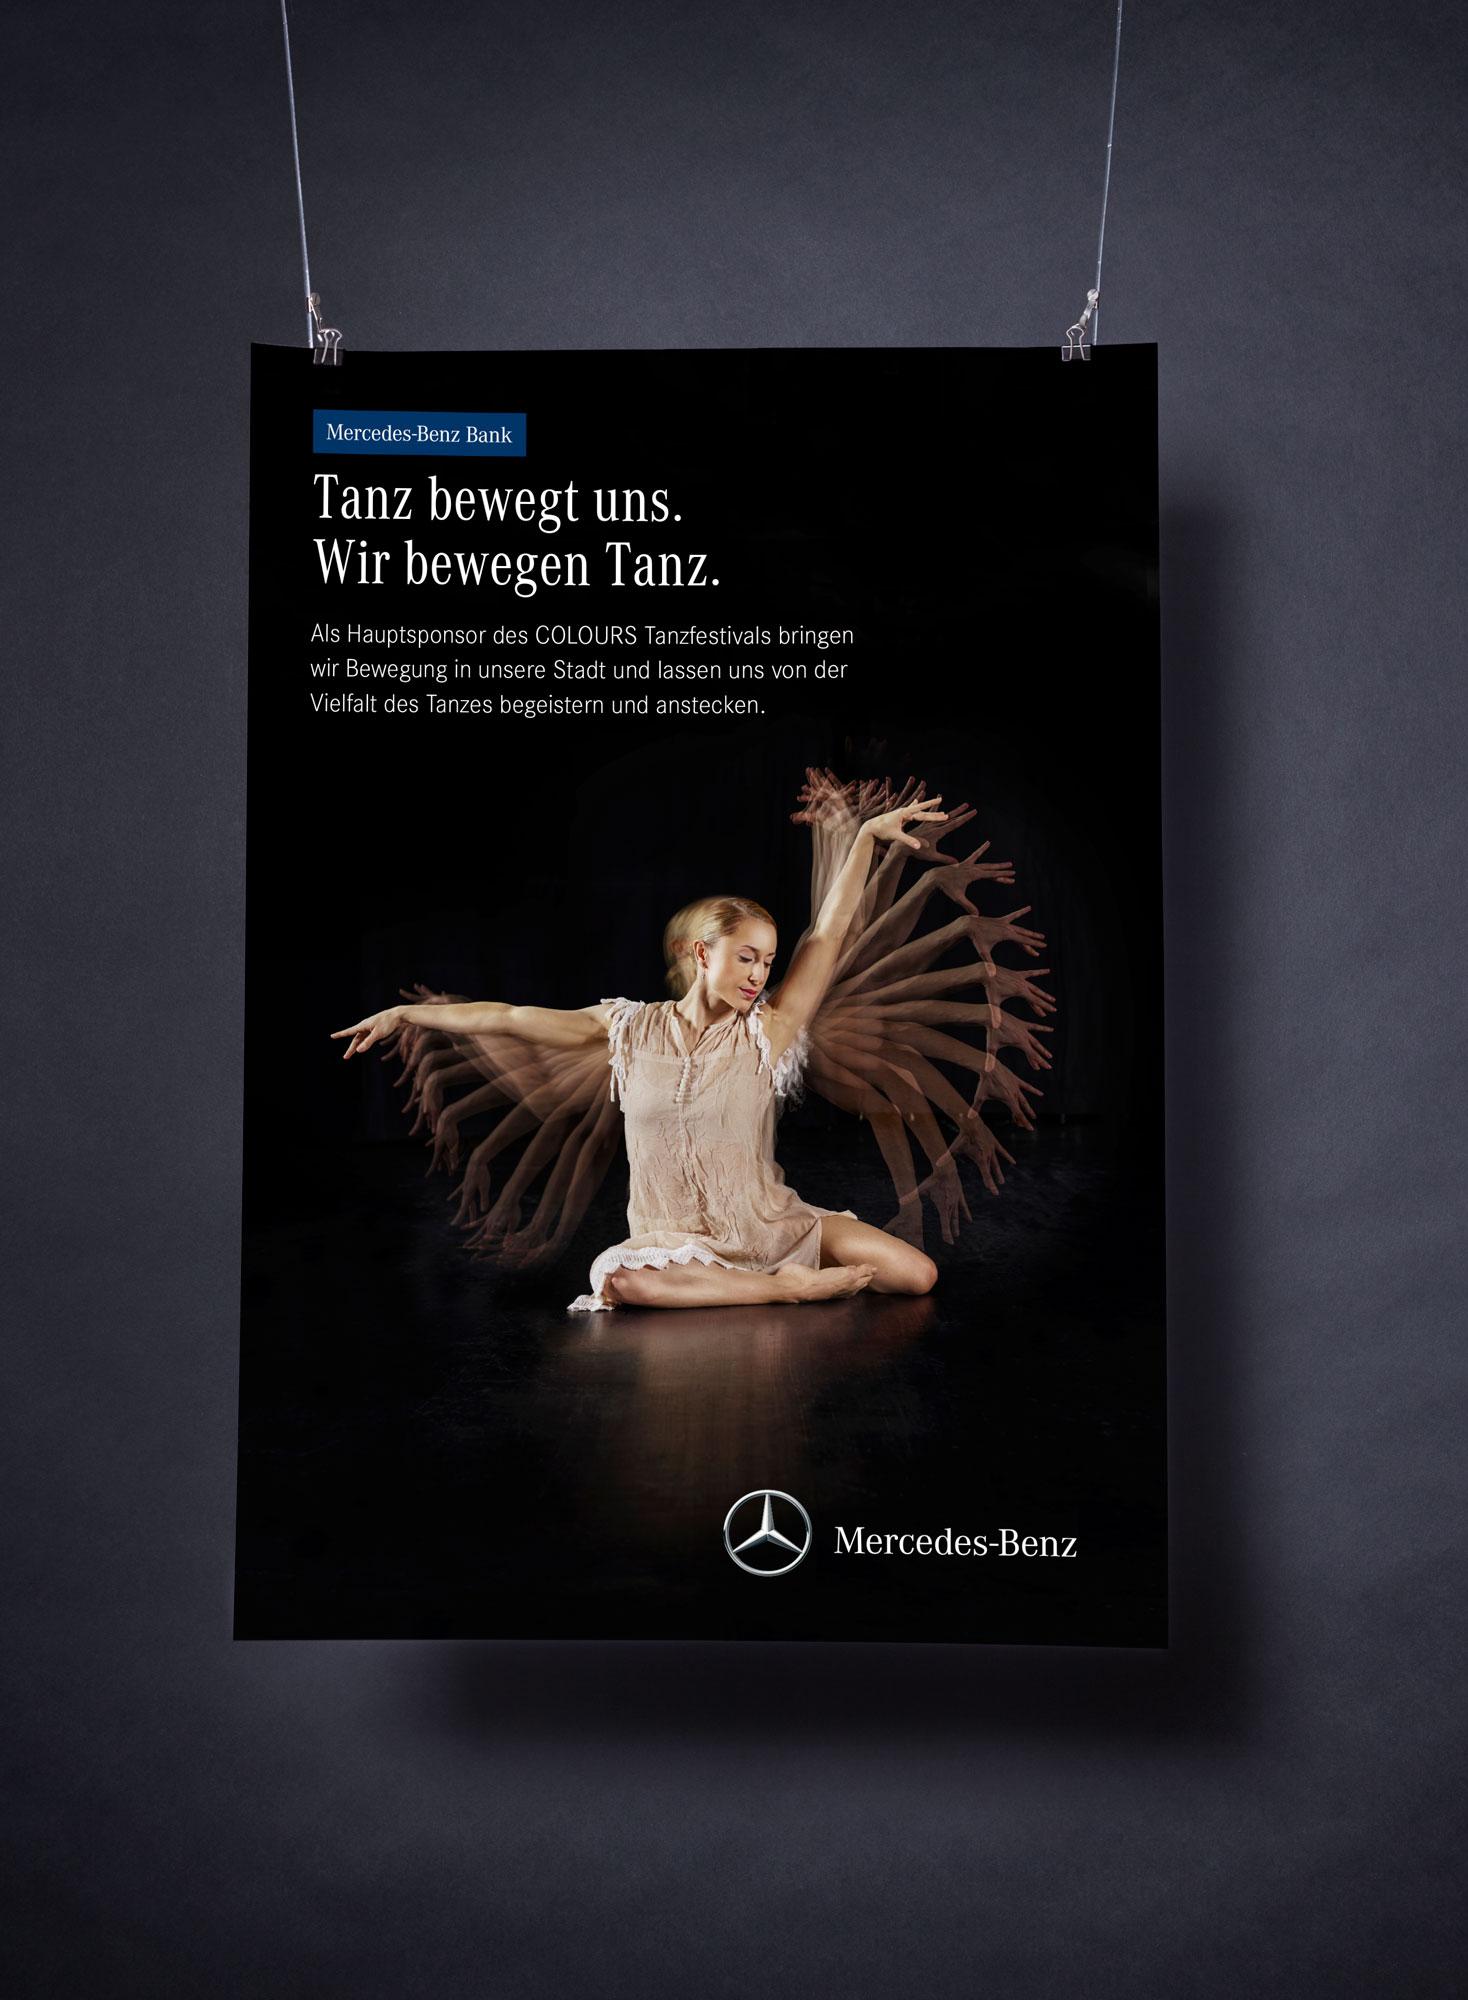 75a gestaltet eine Plakatkampagne für die Mercedes-Benz Bank